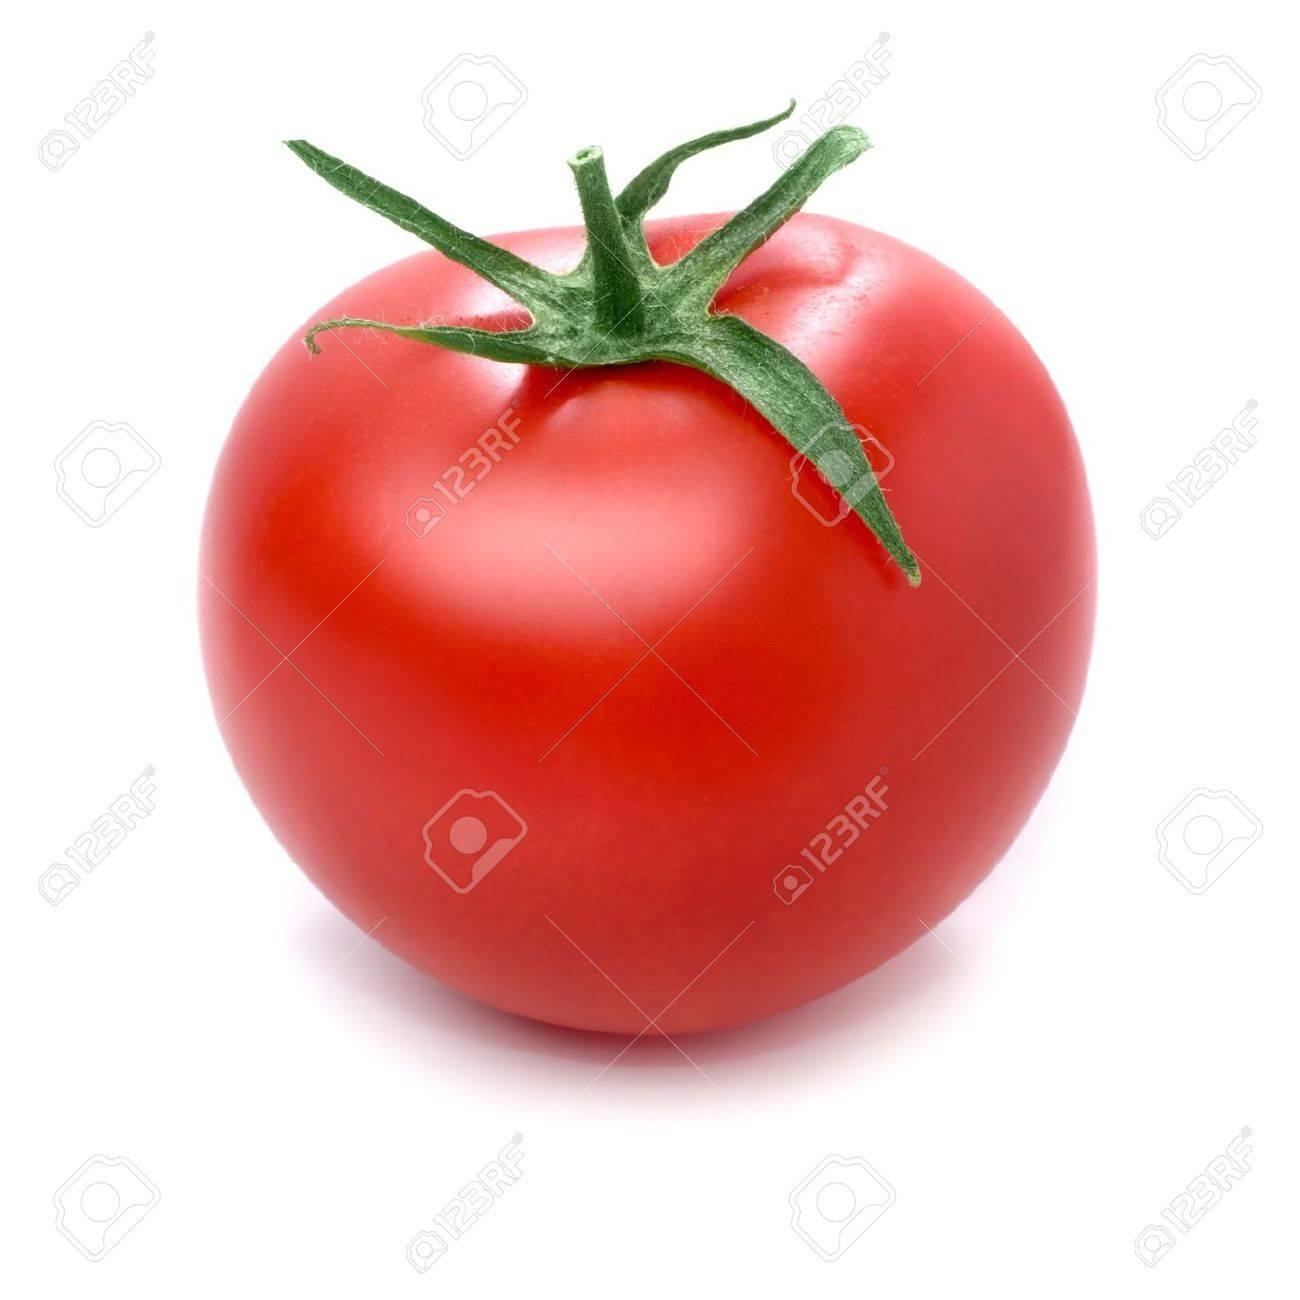 Tomato isolated on white background. - 19938782